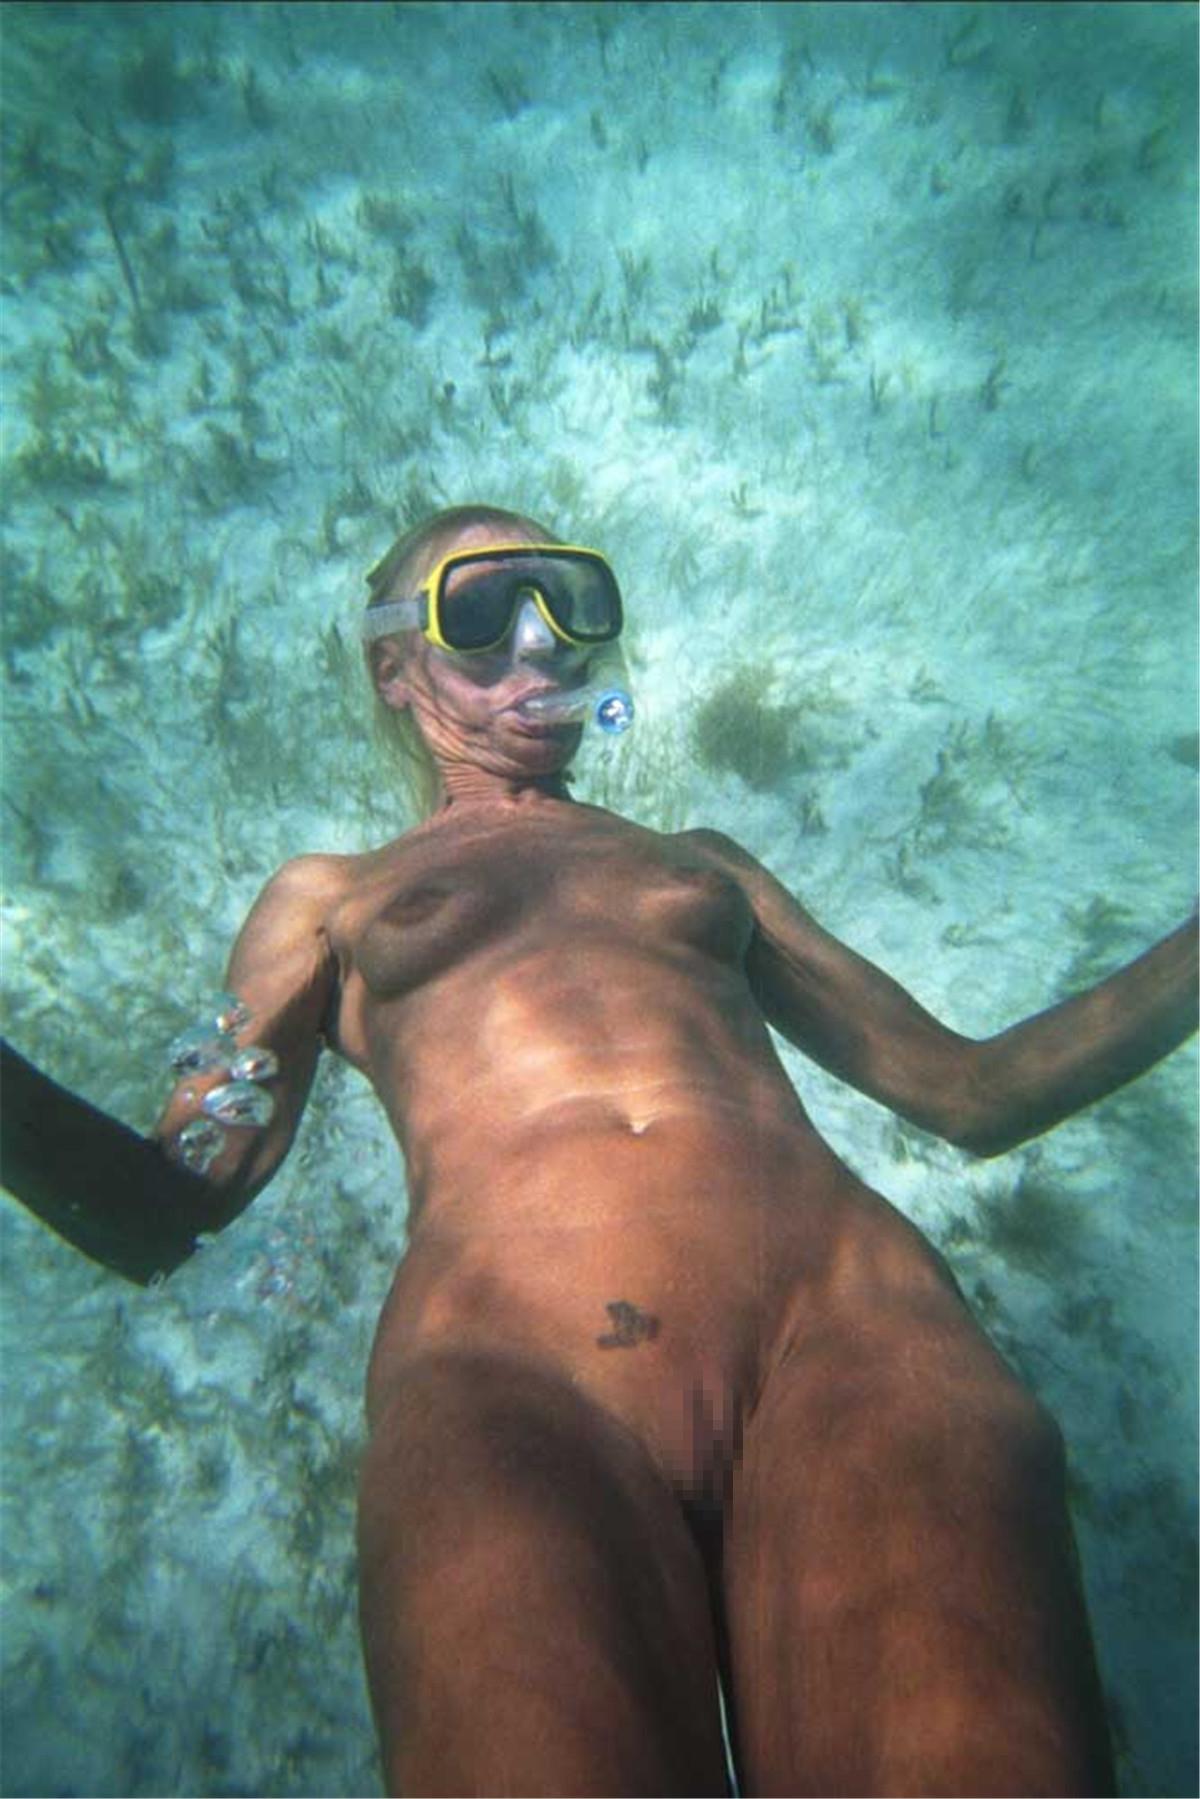 【エロ画像】プライベートビーチで全裸で遊ぶまんさん、どいつもこいつもウッキウキでワロタwwwwwwwww・16枚目